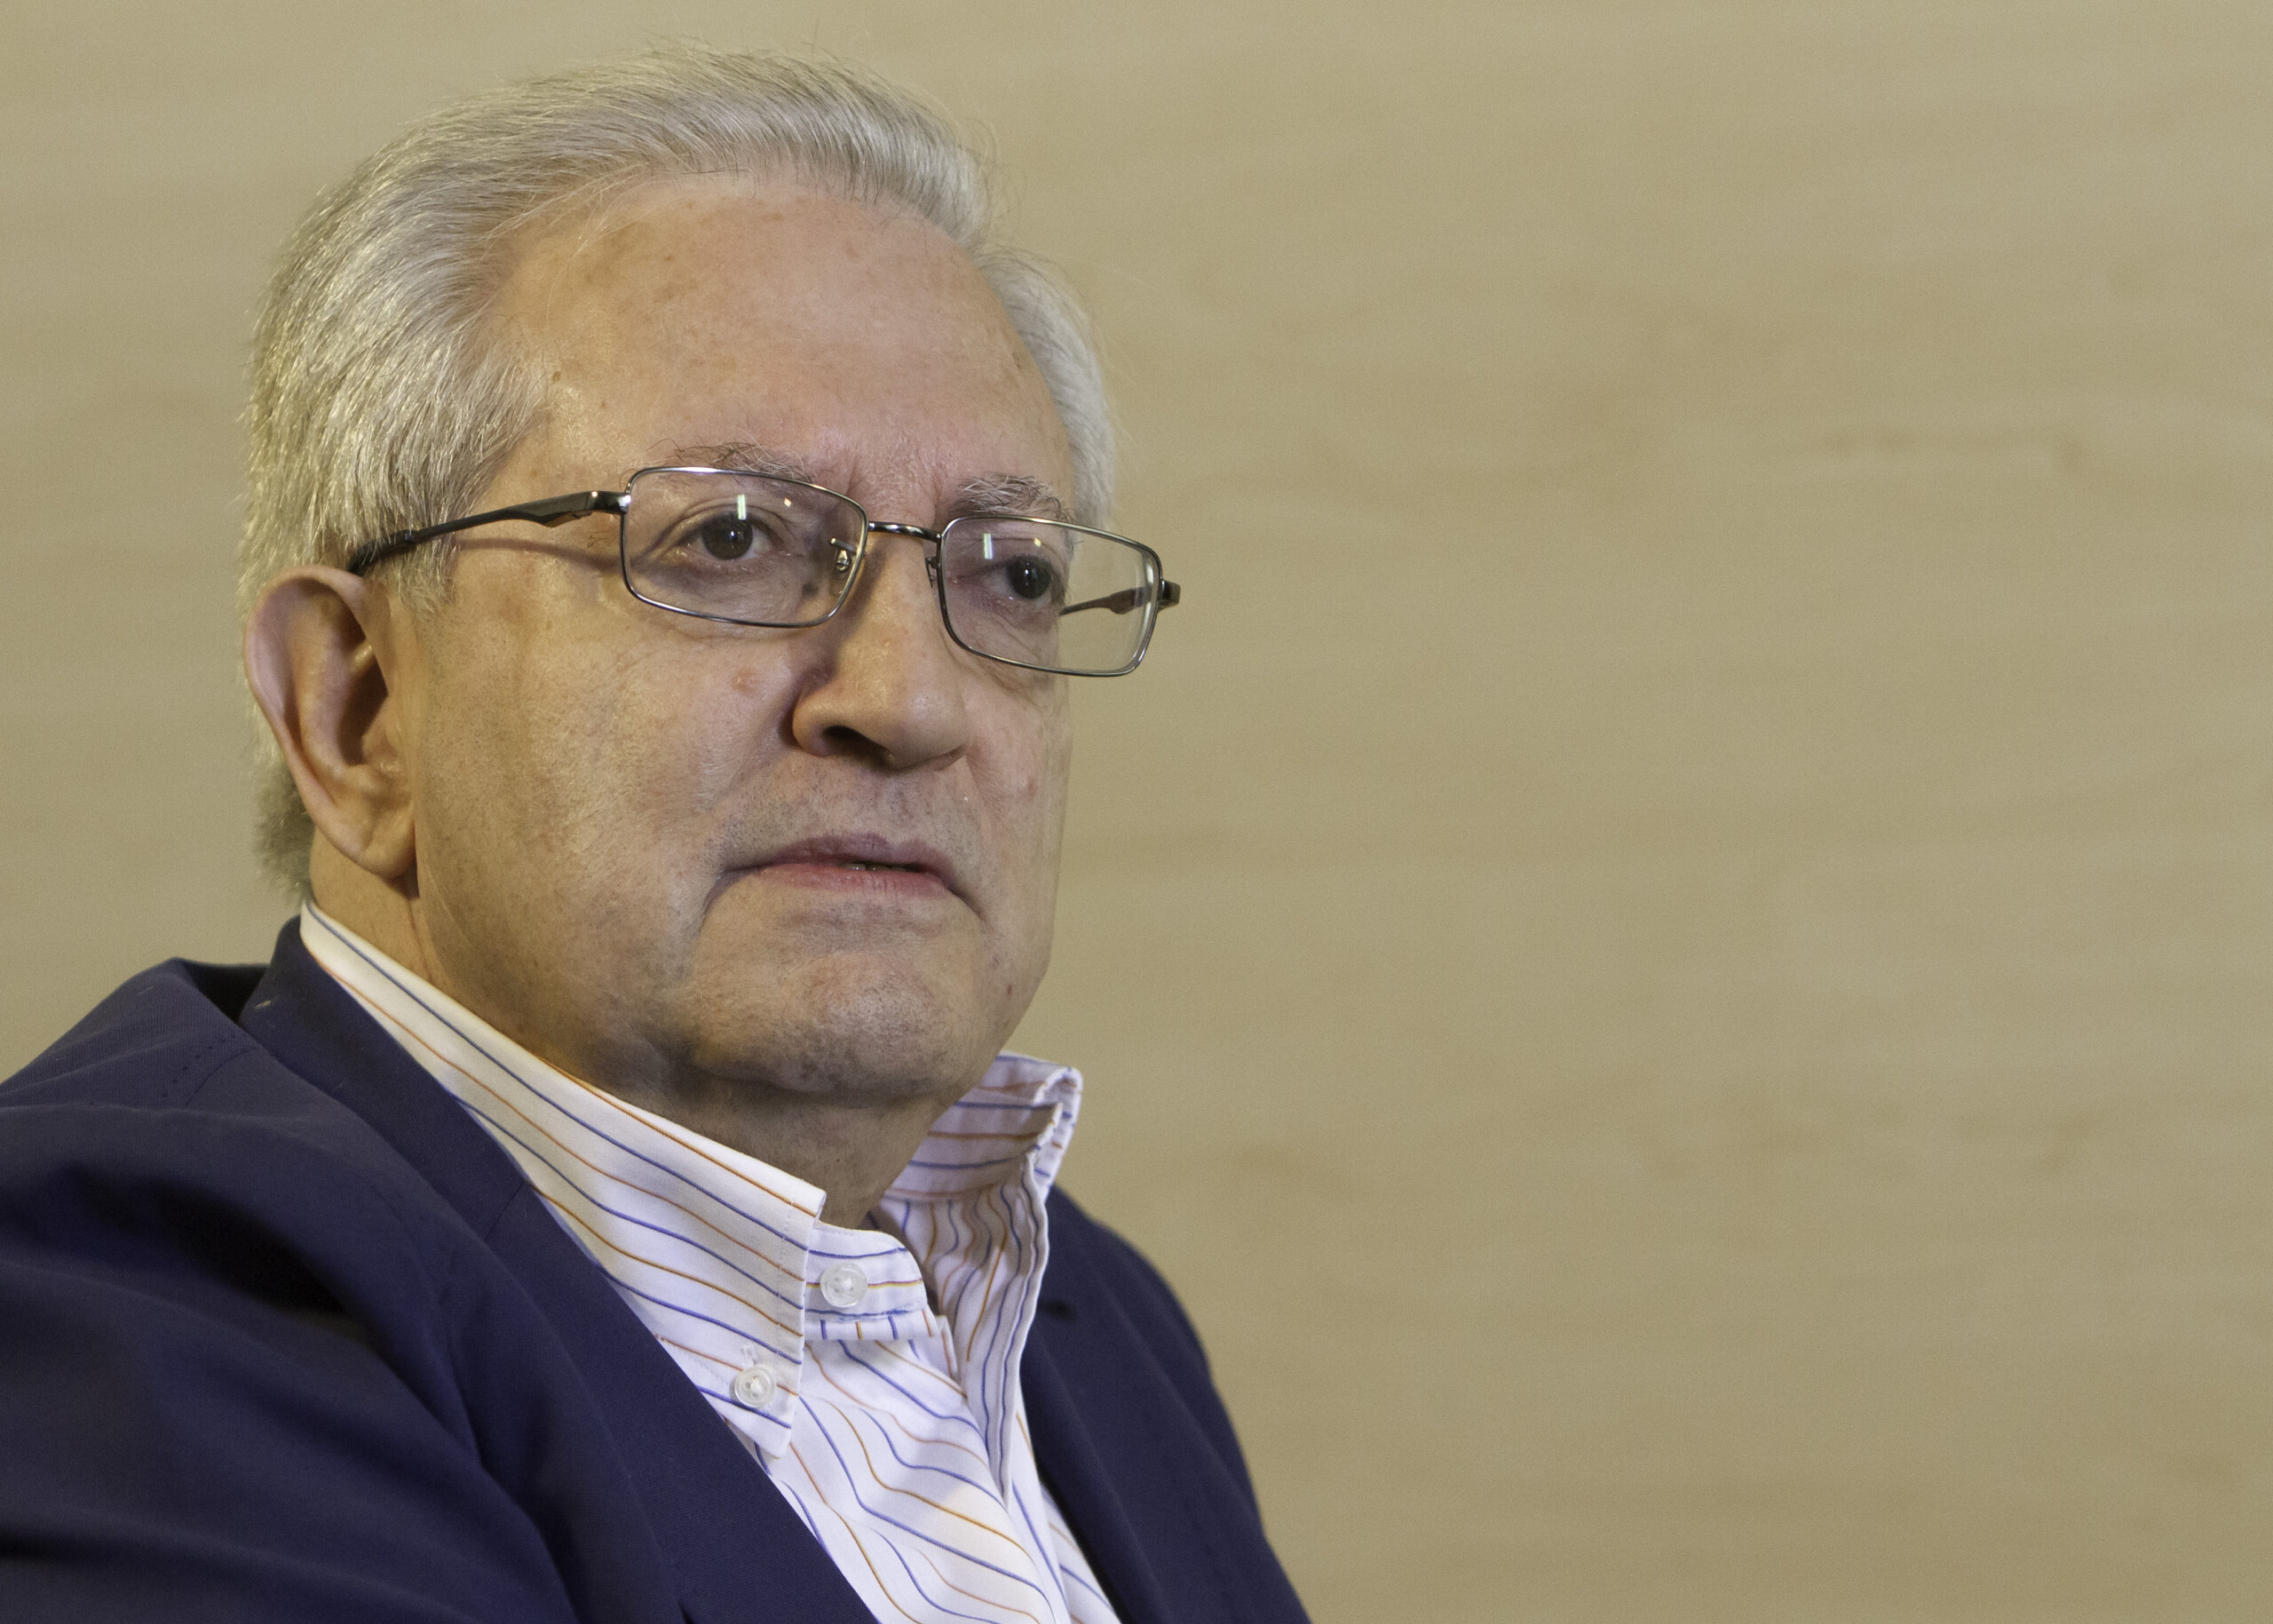 Gonzalo Berzosa